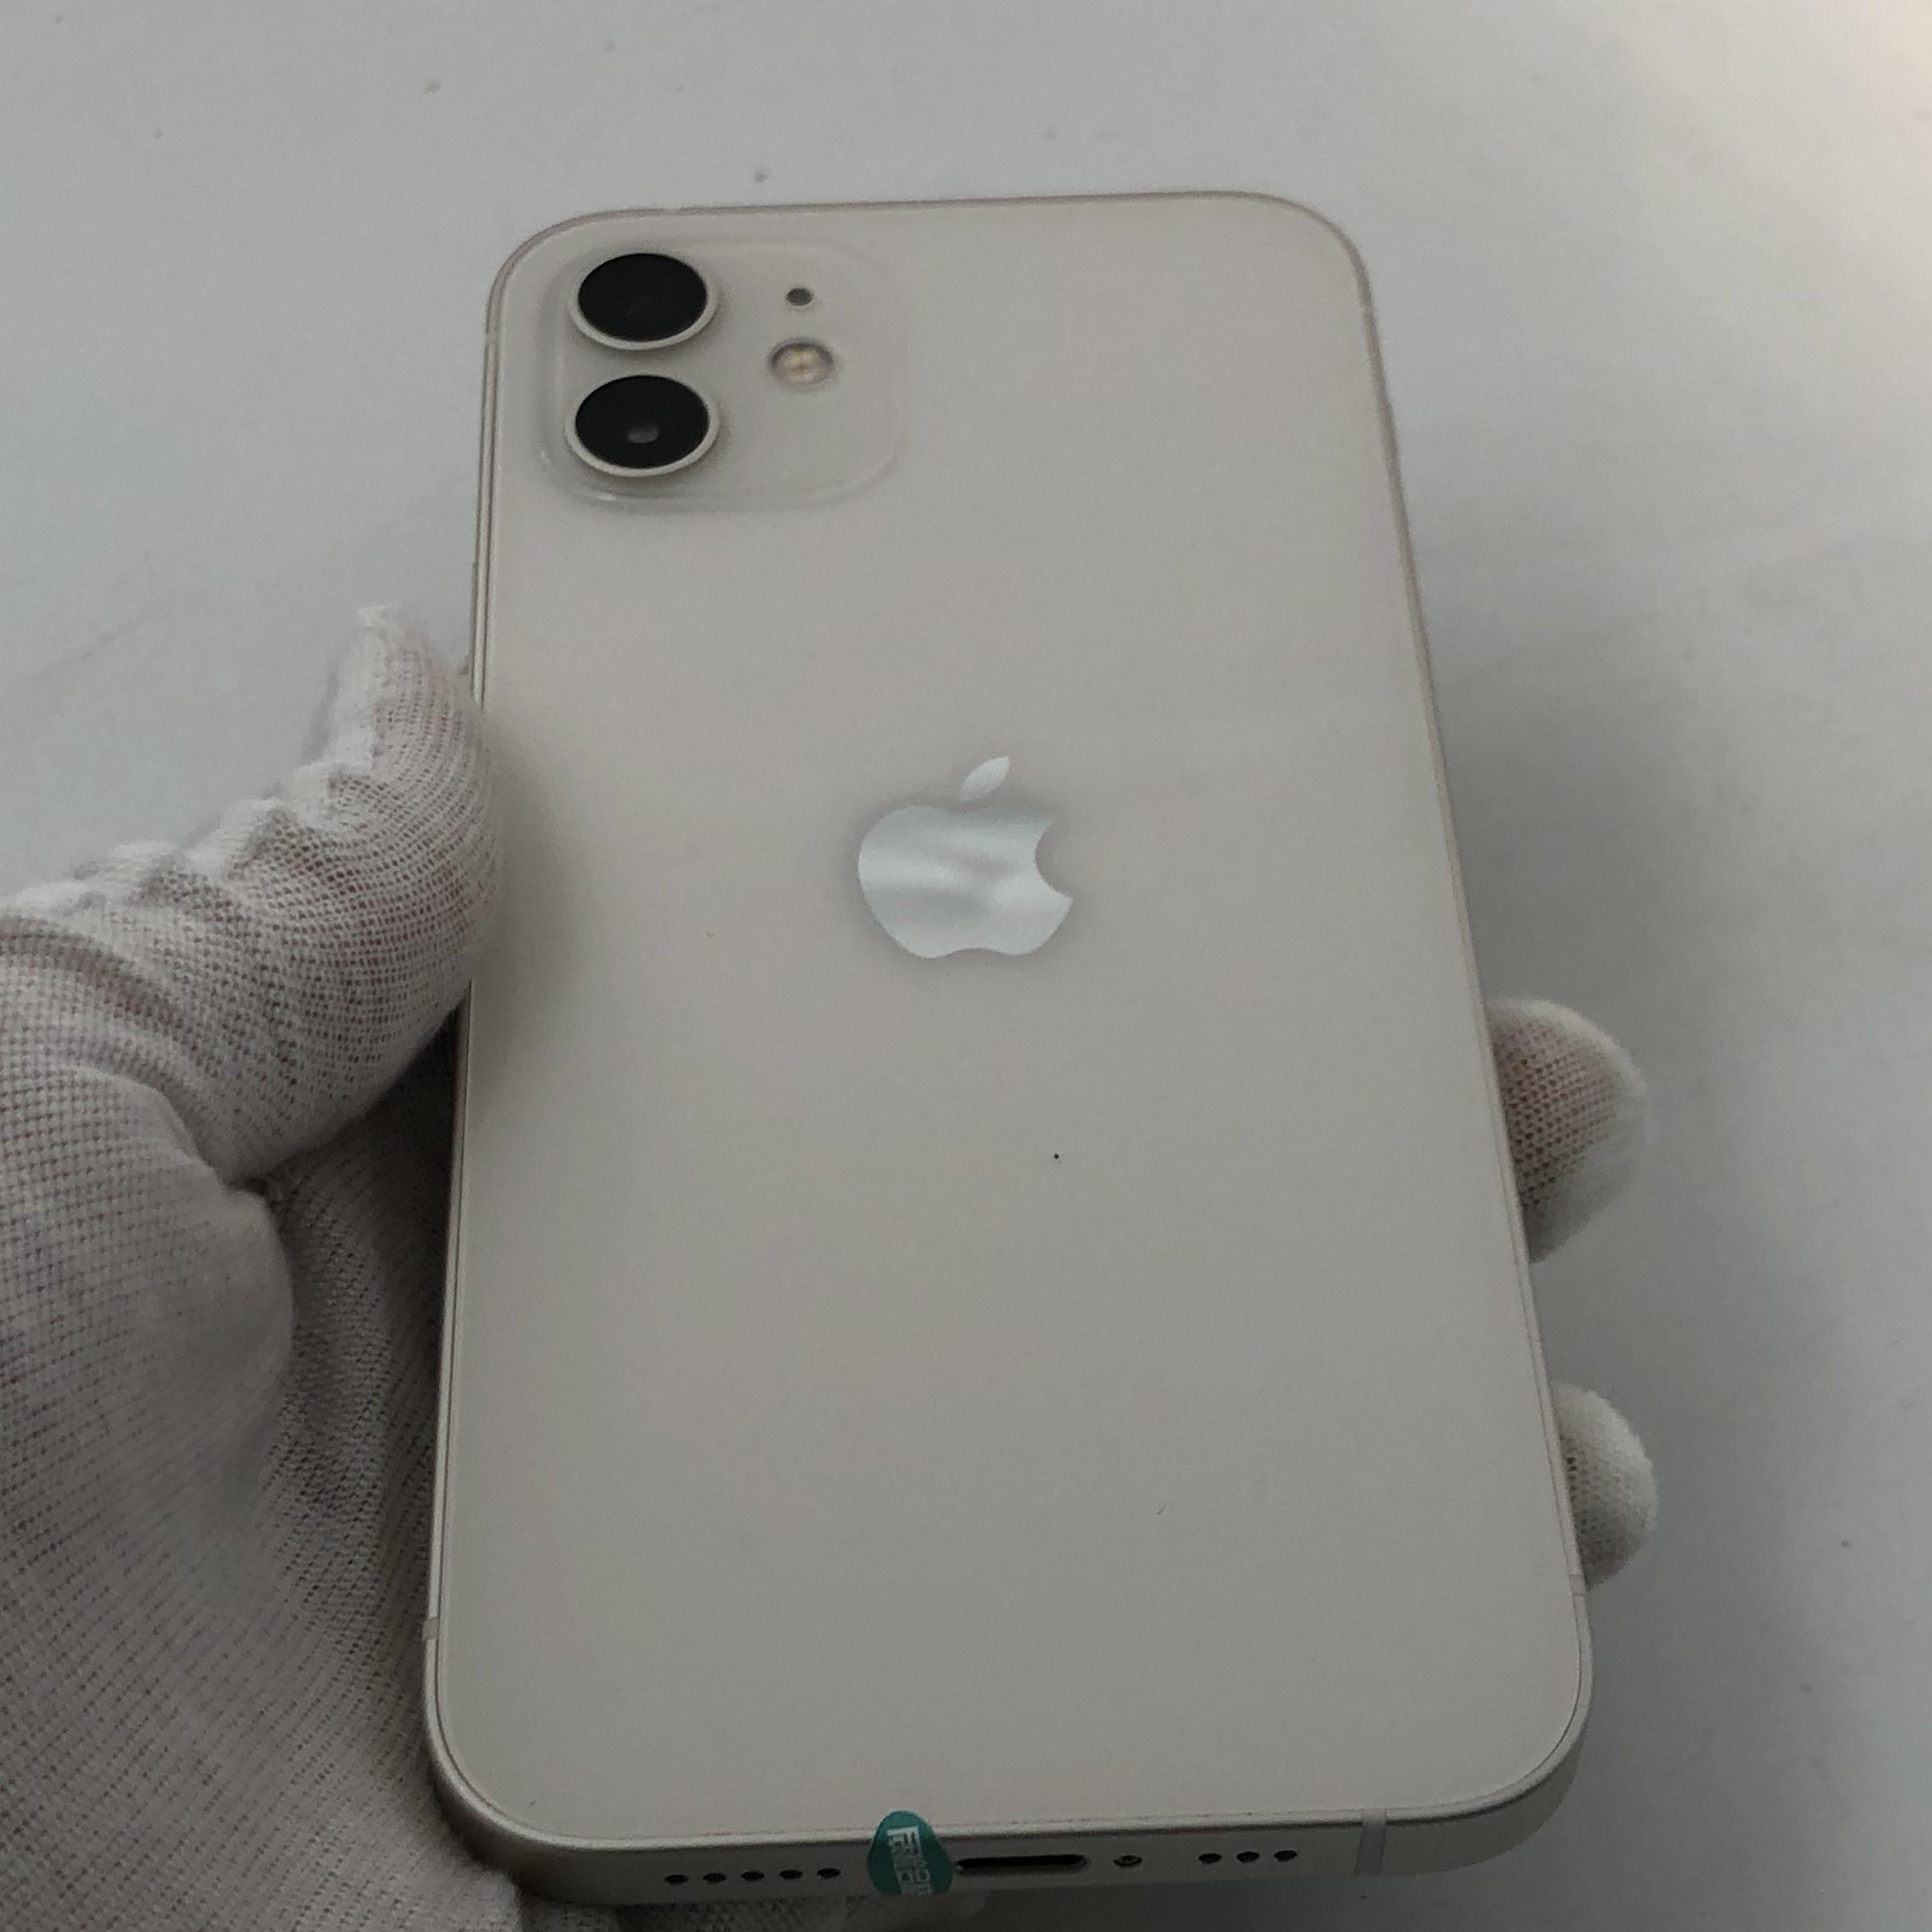 苹果【iPhone 12】5G全网通 白色 128G 国行 95新